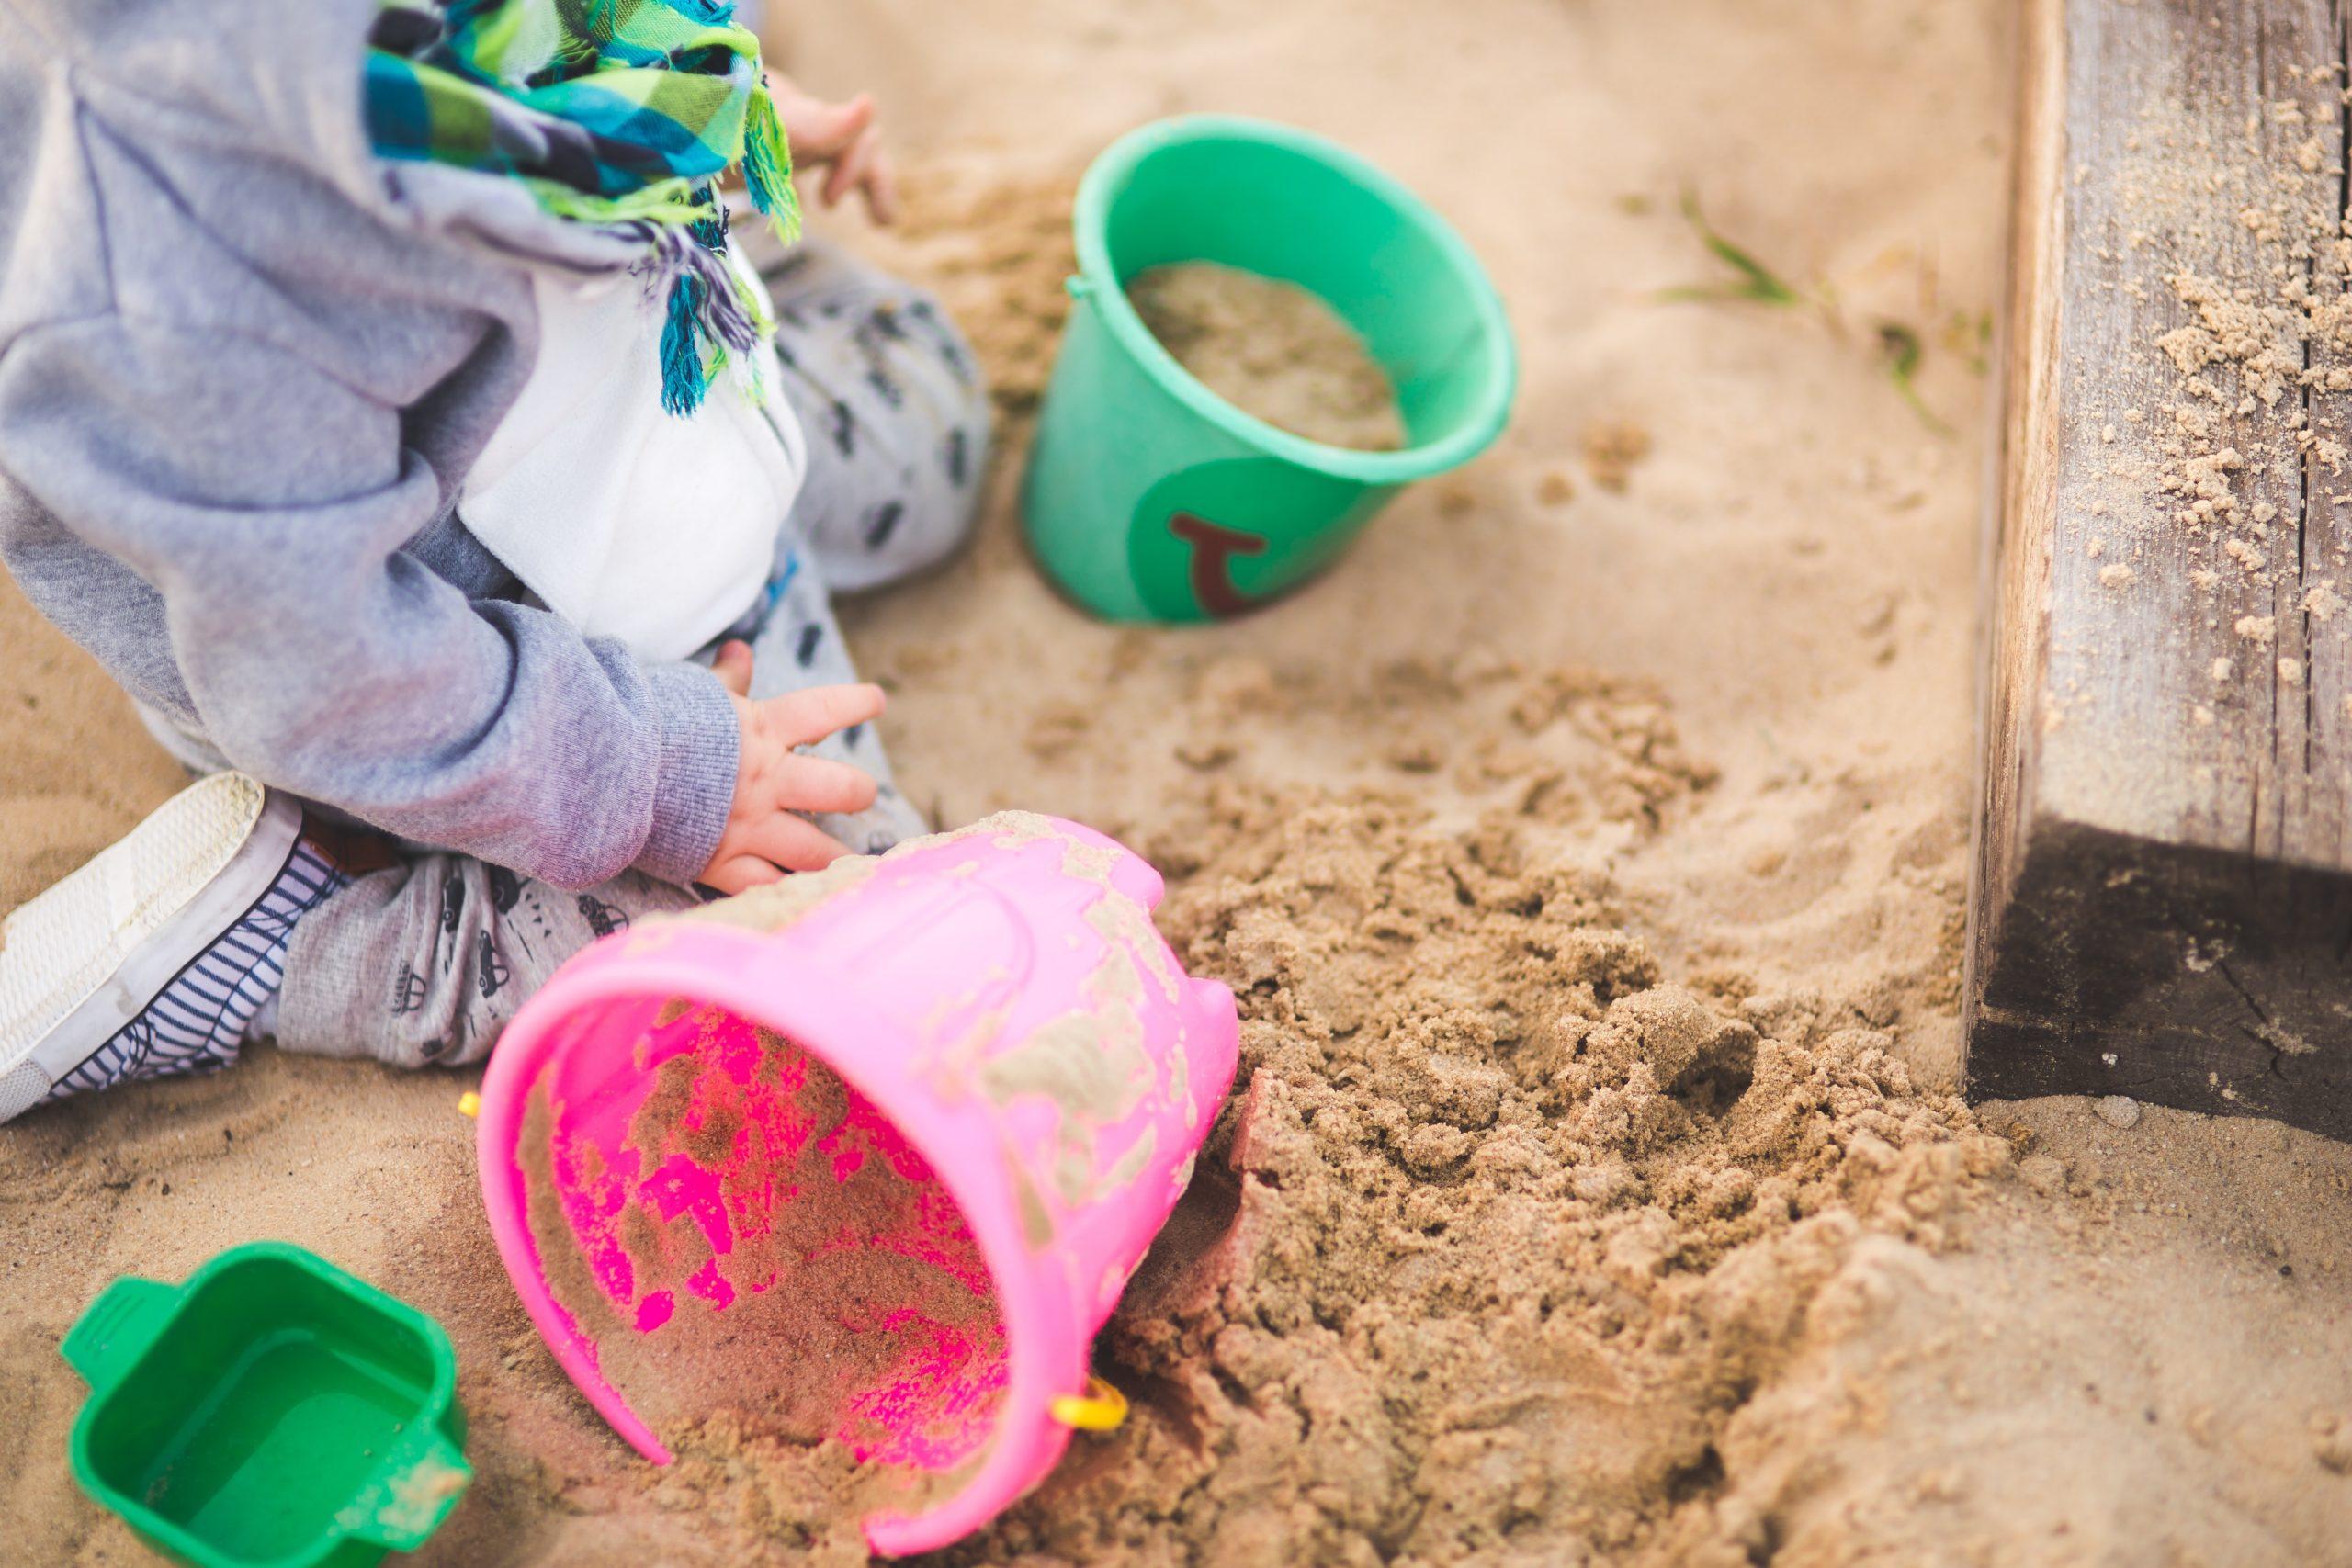 enfant jouant dans un bac à sable